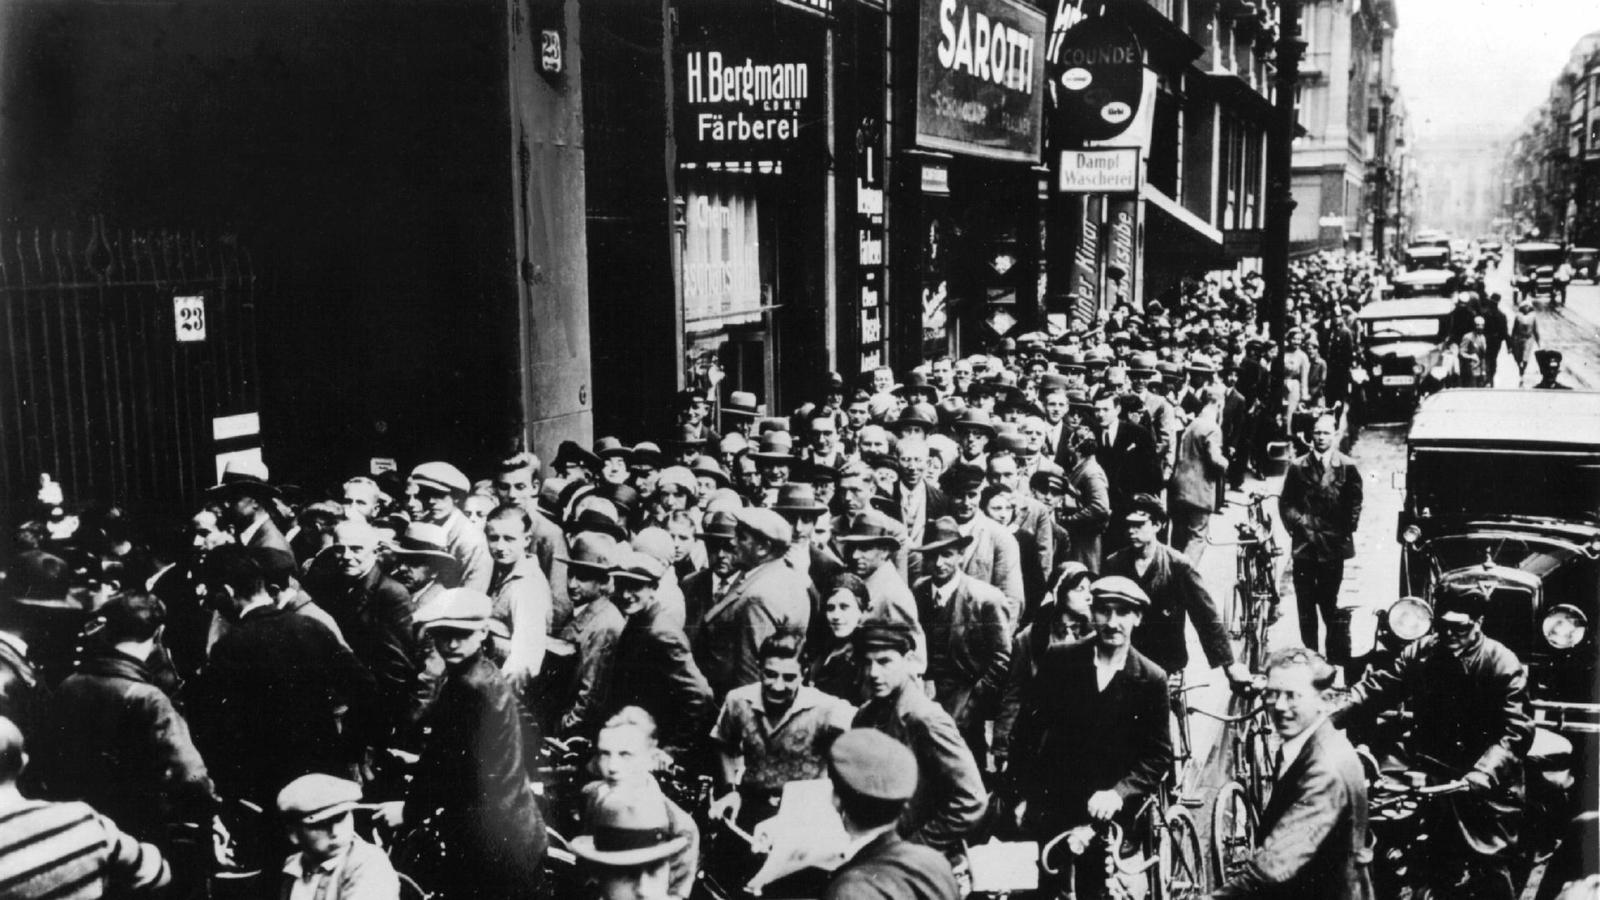 Menschenschlange vor einer bank waehrend der bankenkrise 100 1920x1080